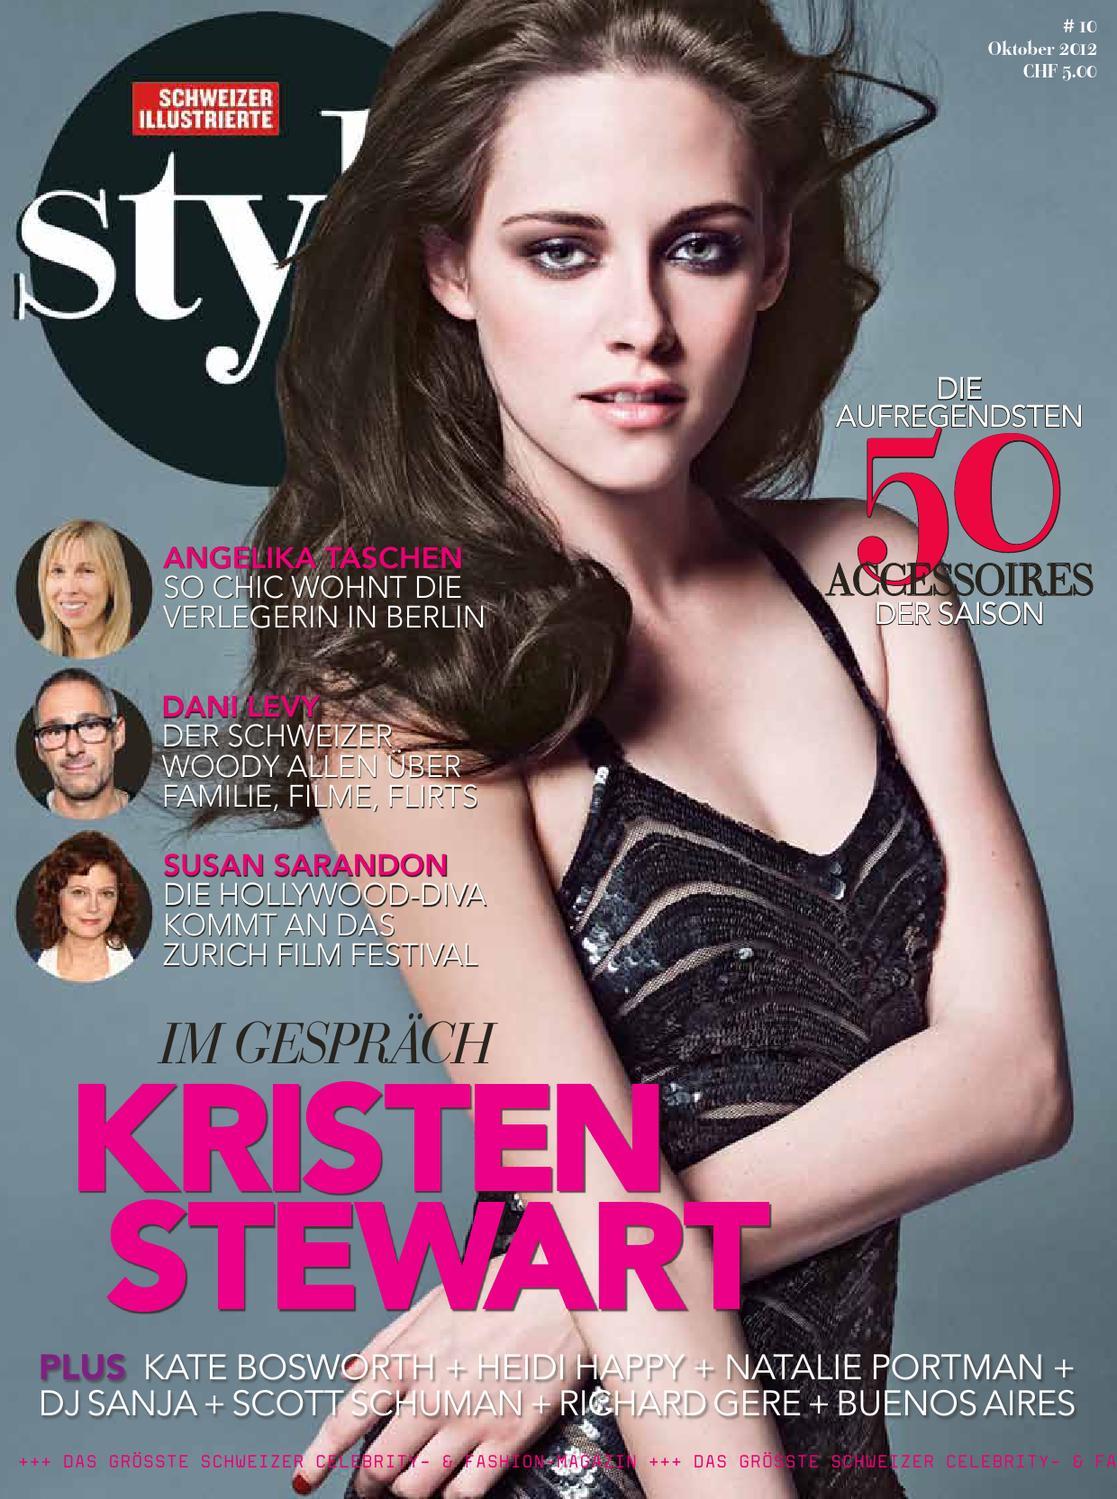 Si style 2011 11 by schweizer illustrierte   issuu